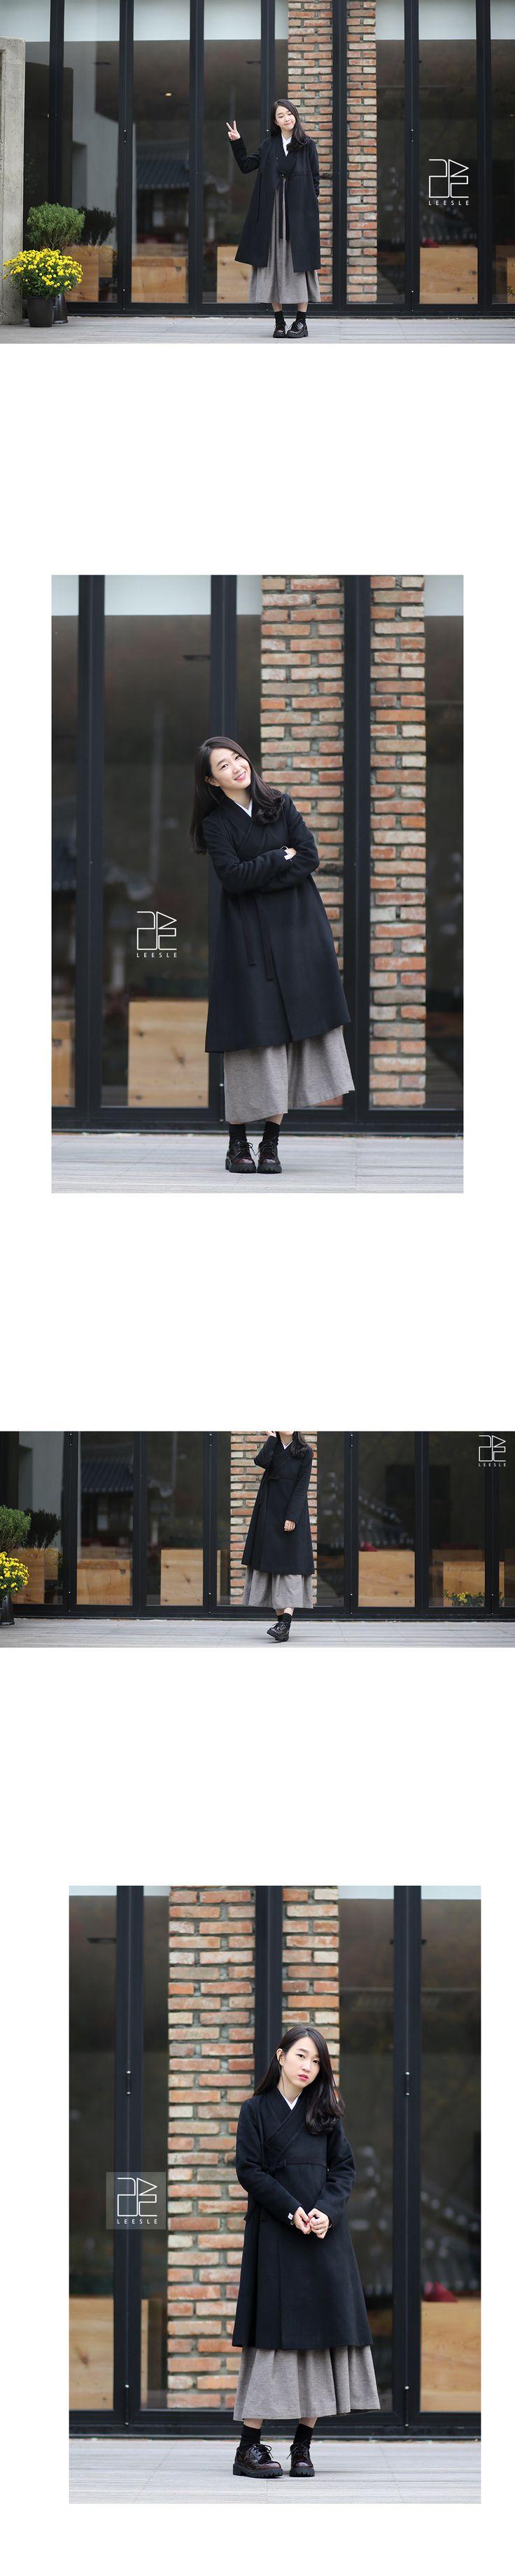 한복을 모티브로 한 캐주얼 브랜드 LEESLE 리슬